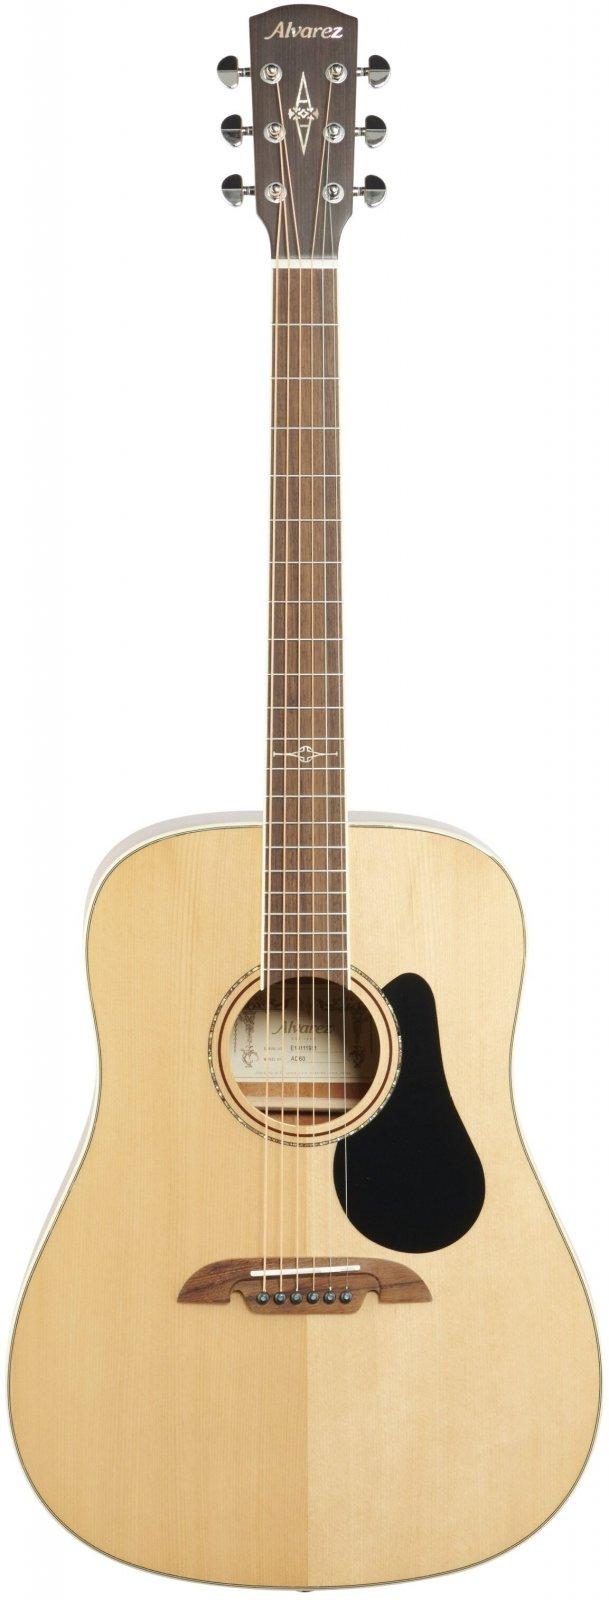 Alvarez AD60 Dreadnought Acoustic Guitar